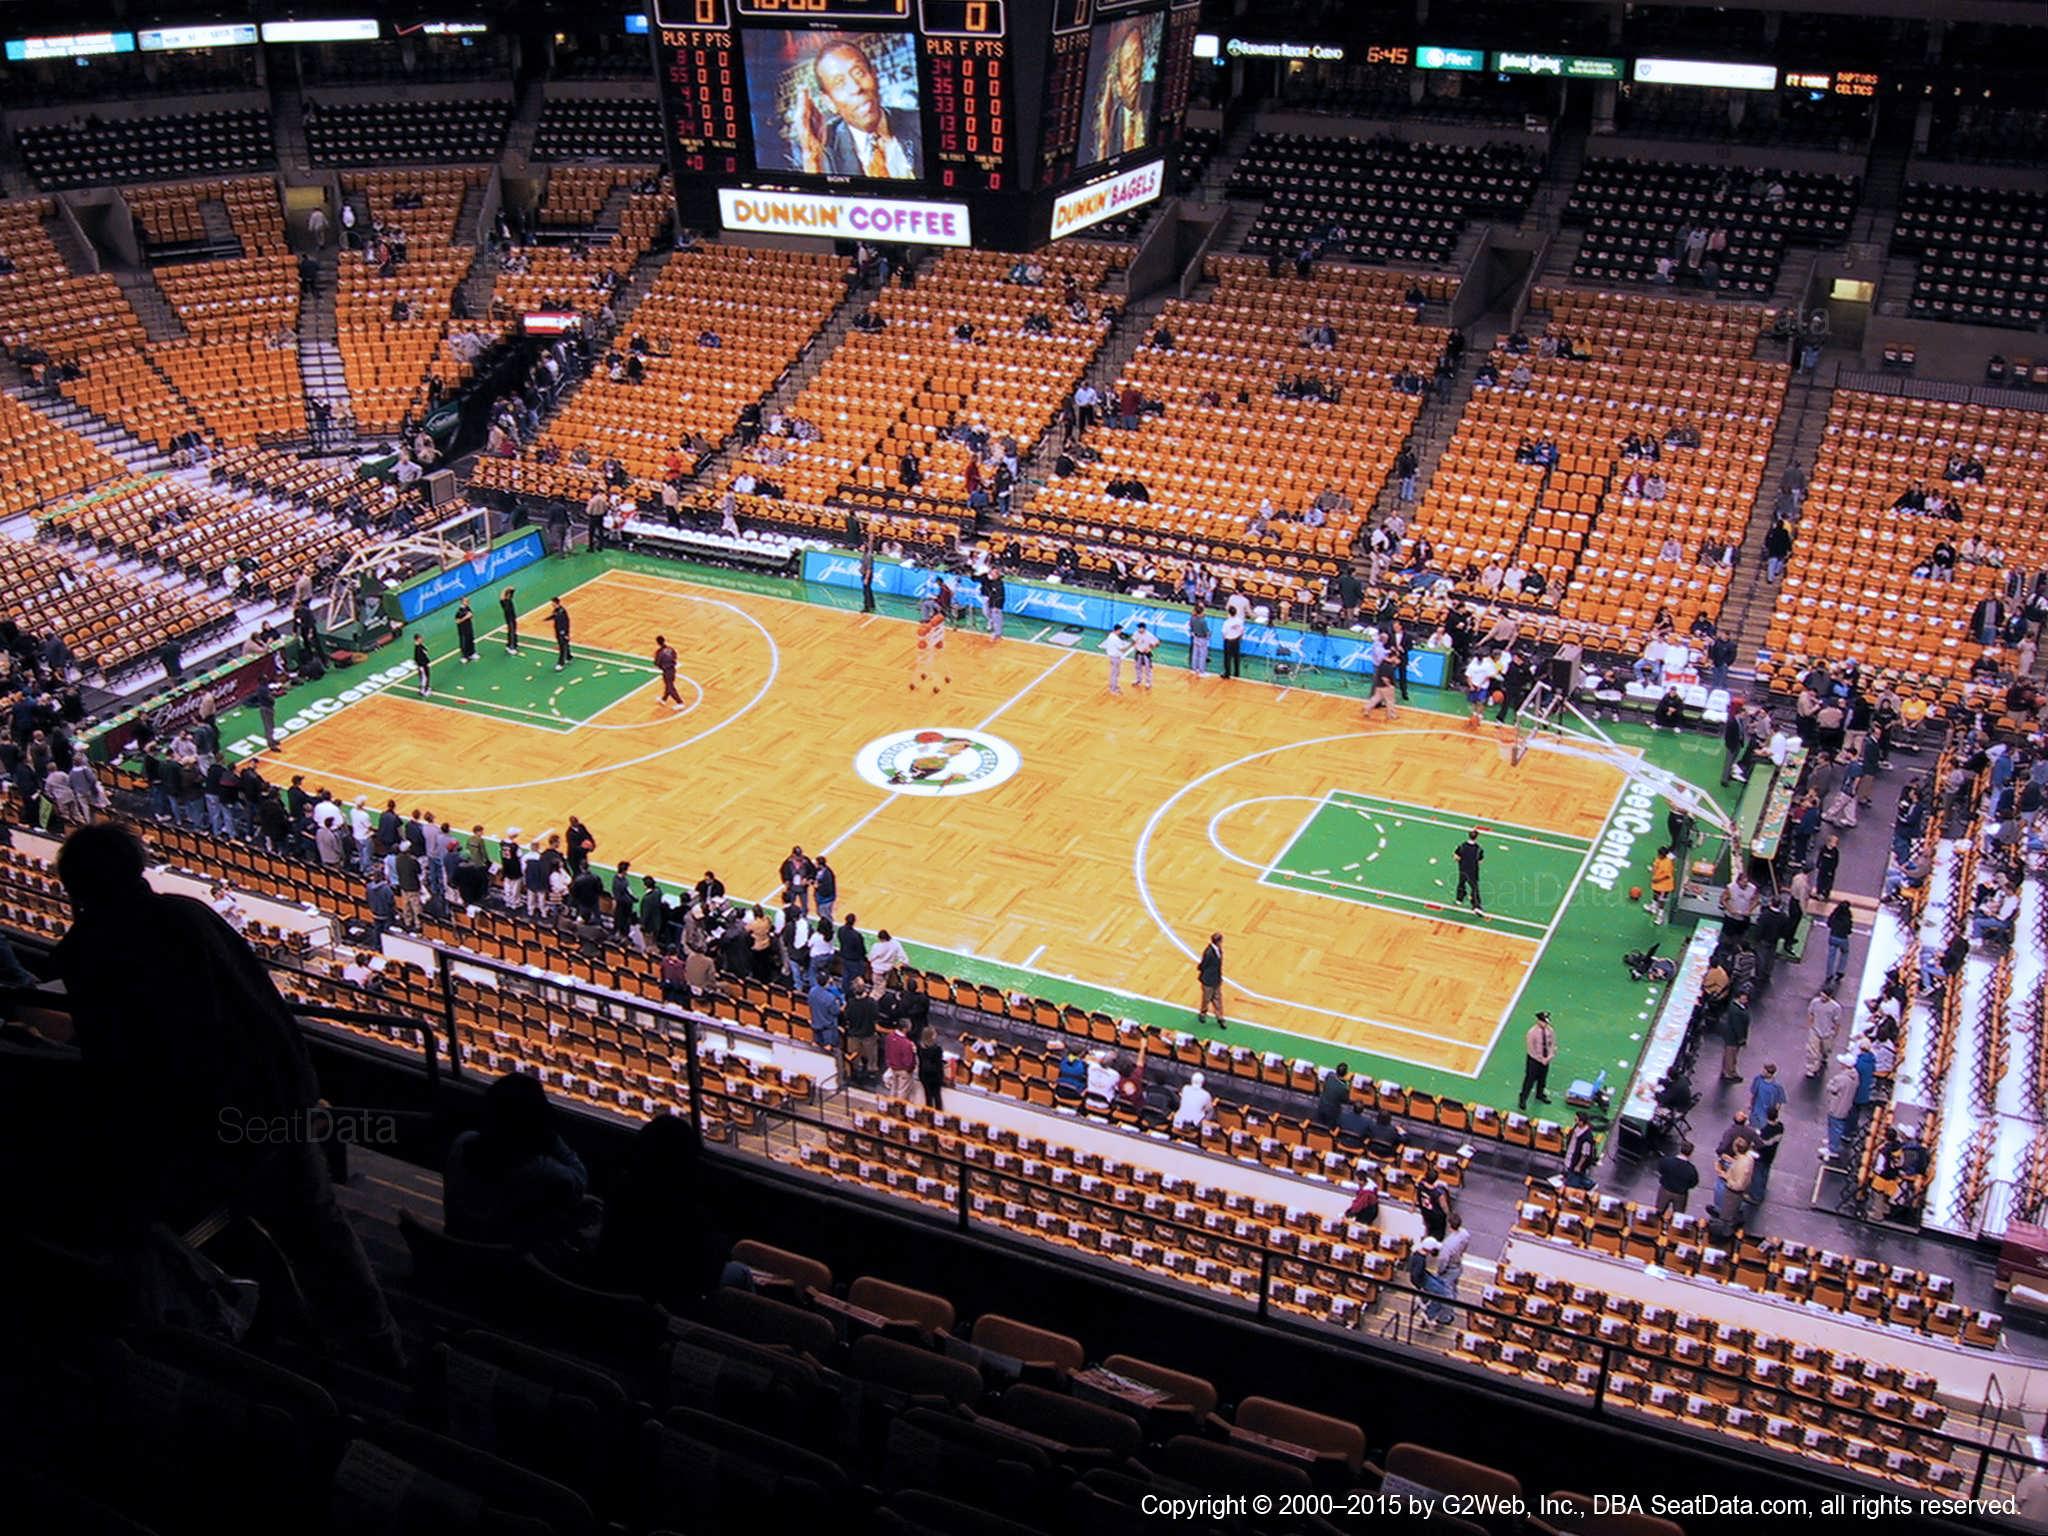 Td Garden Section 314 Boston Celtics